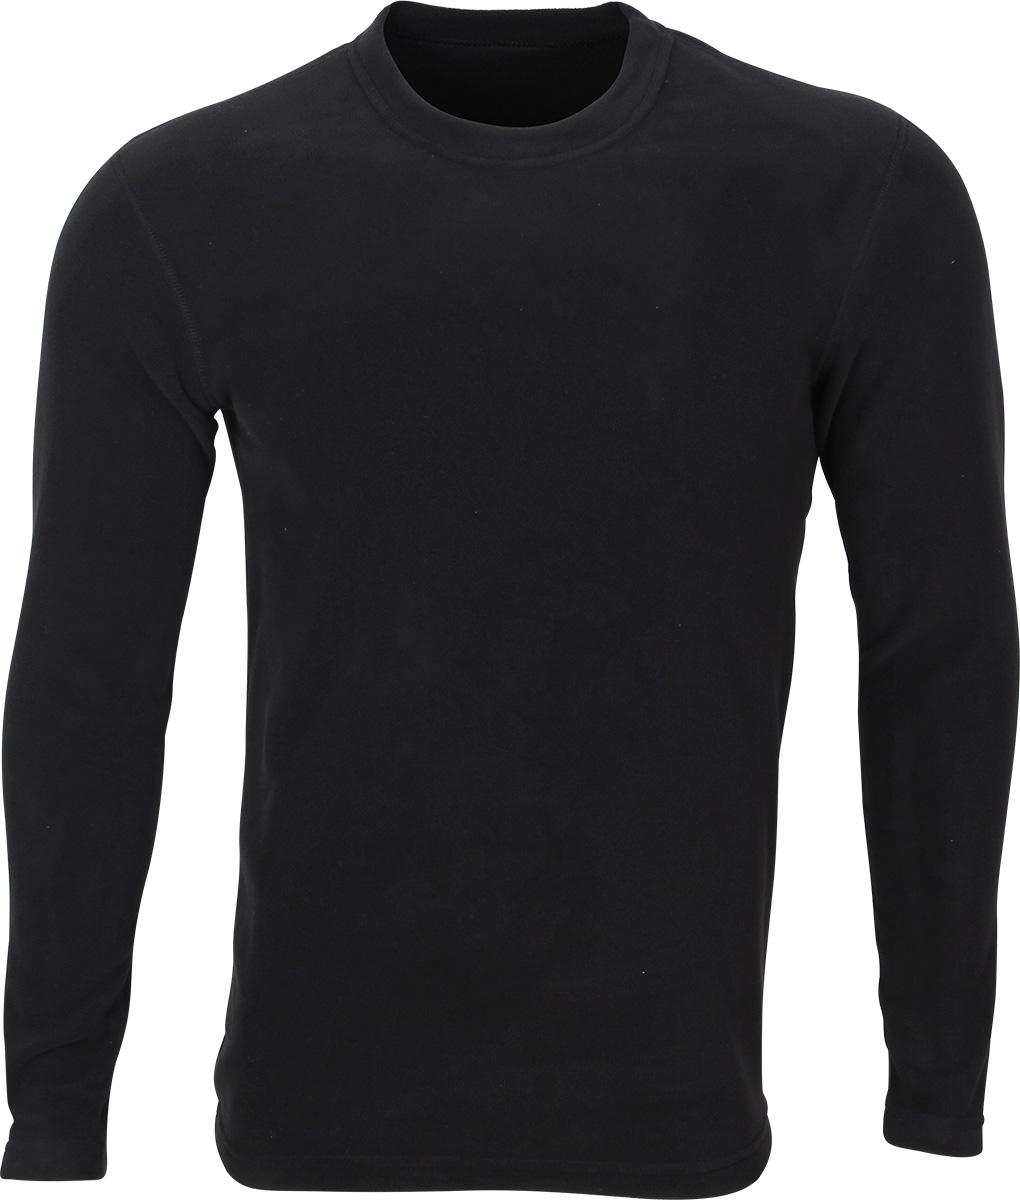 Термобелье футболка1125040Серия Arctic разработана для очень холодной погоды. Ткань сочетает в себе высокие теплоизоляционные свойства и хороший отвод влаги. Ткань Polartec Micro состоит из полых микроволокон, за счет этого увеличивается толщина воздушной прослойки и удерживается максимальное количество тепла. Легкая и теплая модель подойдет для зимней рыбалки, охоты, активных видов отдыха при холодной и очень холодной погоде. Быстро сохнет, плоские швы создают дополнительную прочность и комфорт. Мягкая и приятная на ощупь ткань позволяет себя прекрасно чувствовать в независимости от погоды.